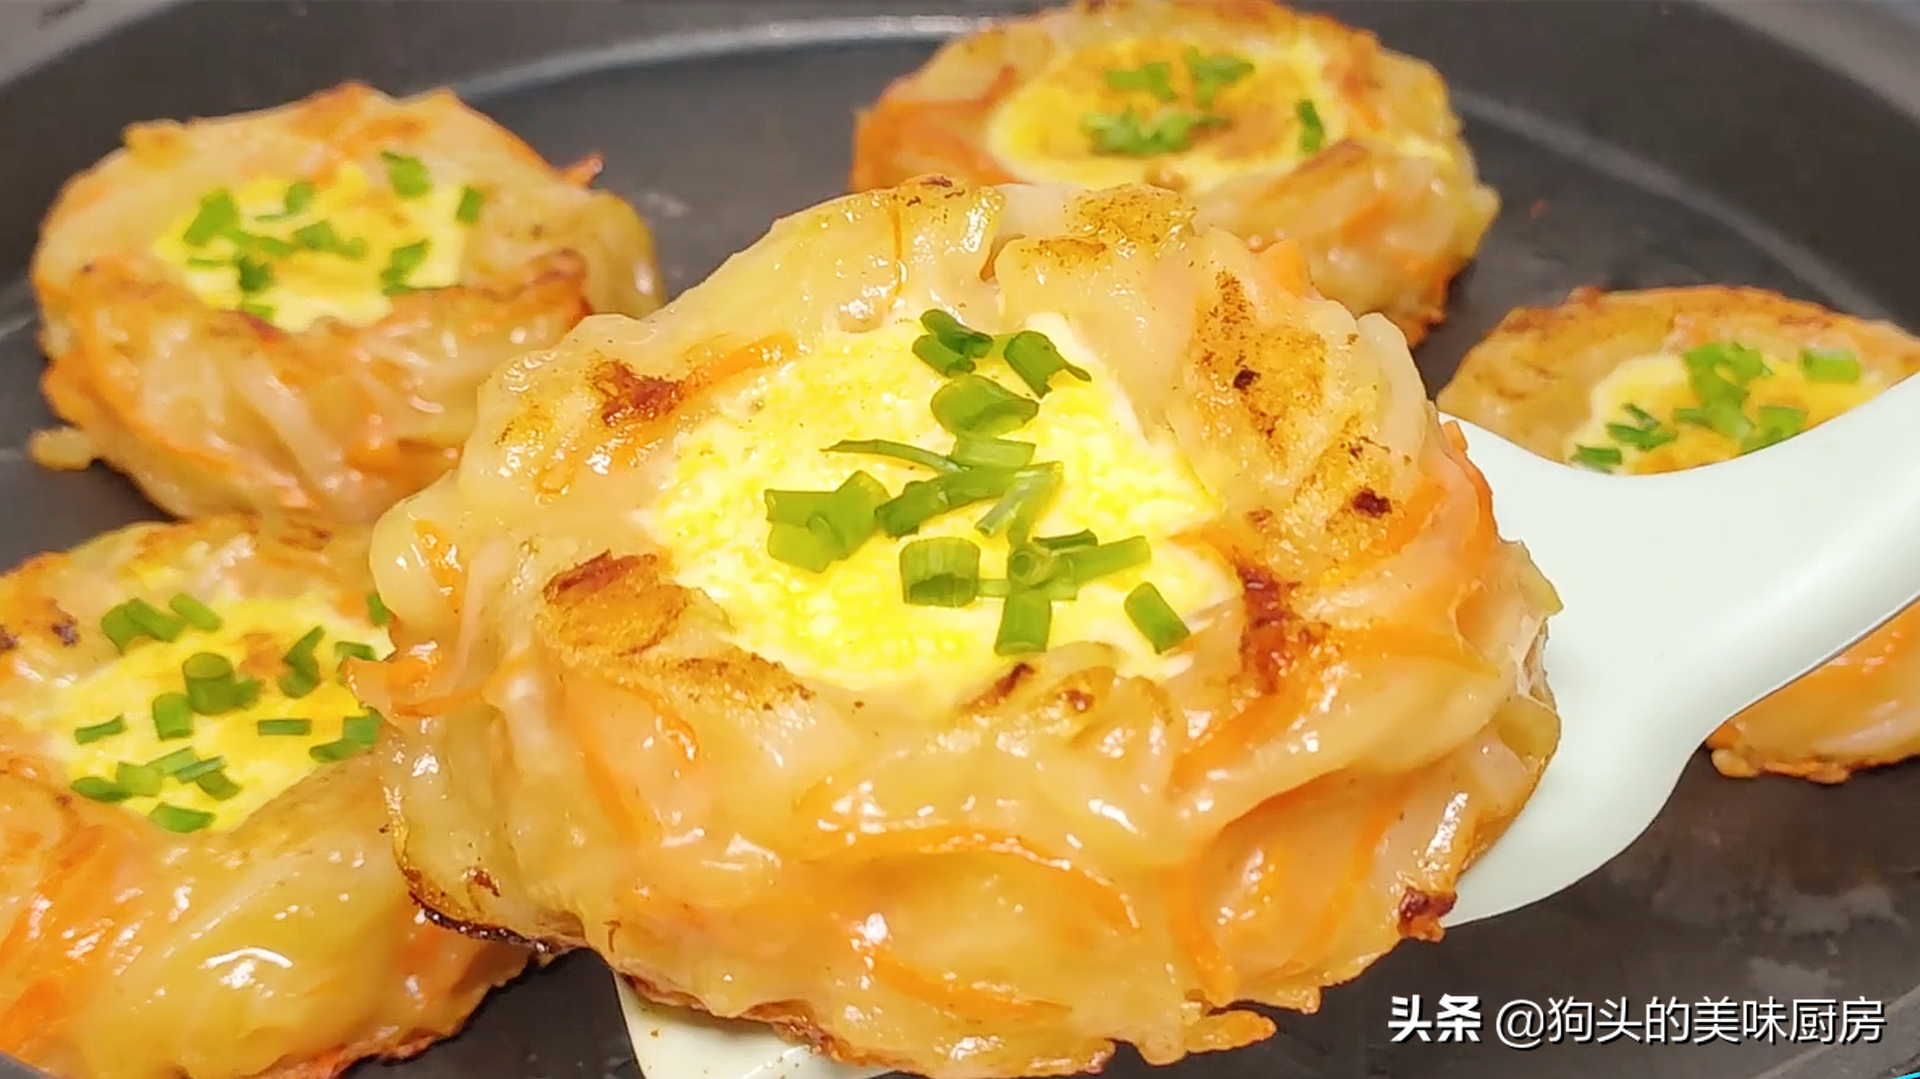 5个土豆,2个鸡蛋,教你没有吃过的做法,比肉还香,上桌就被扫光 美食做法 第3张